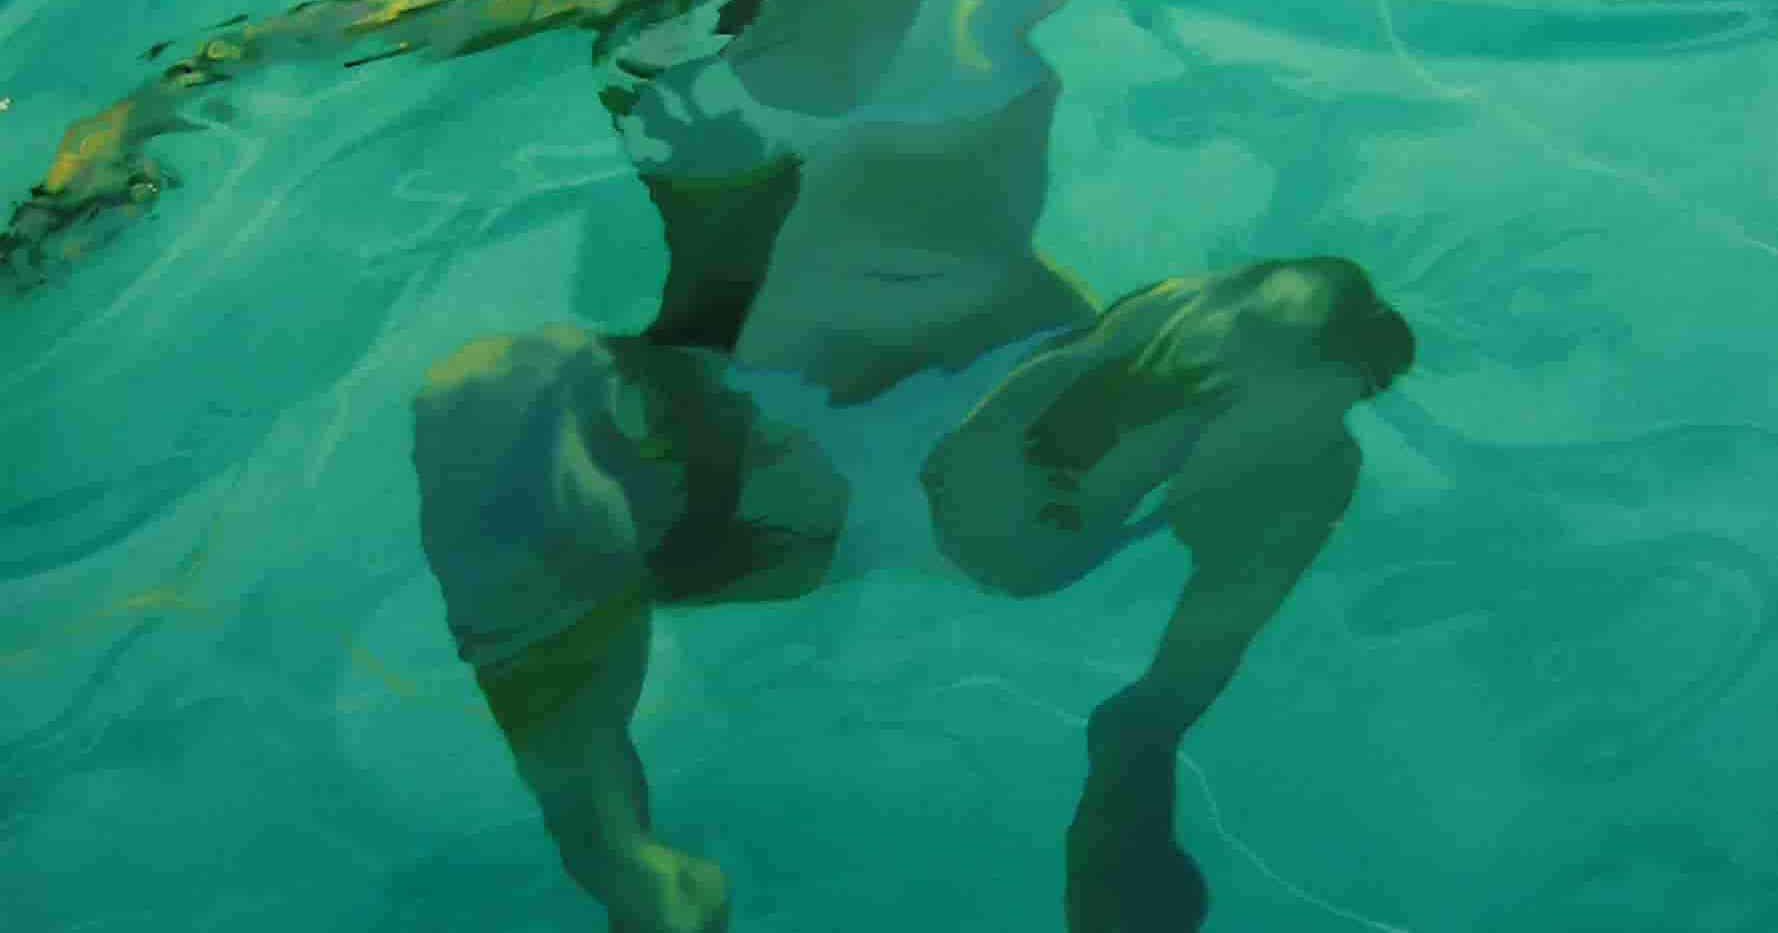 Floating Turquoise